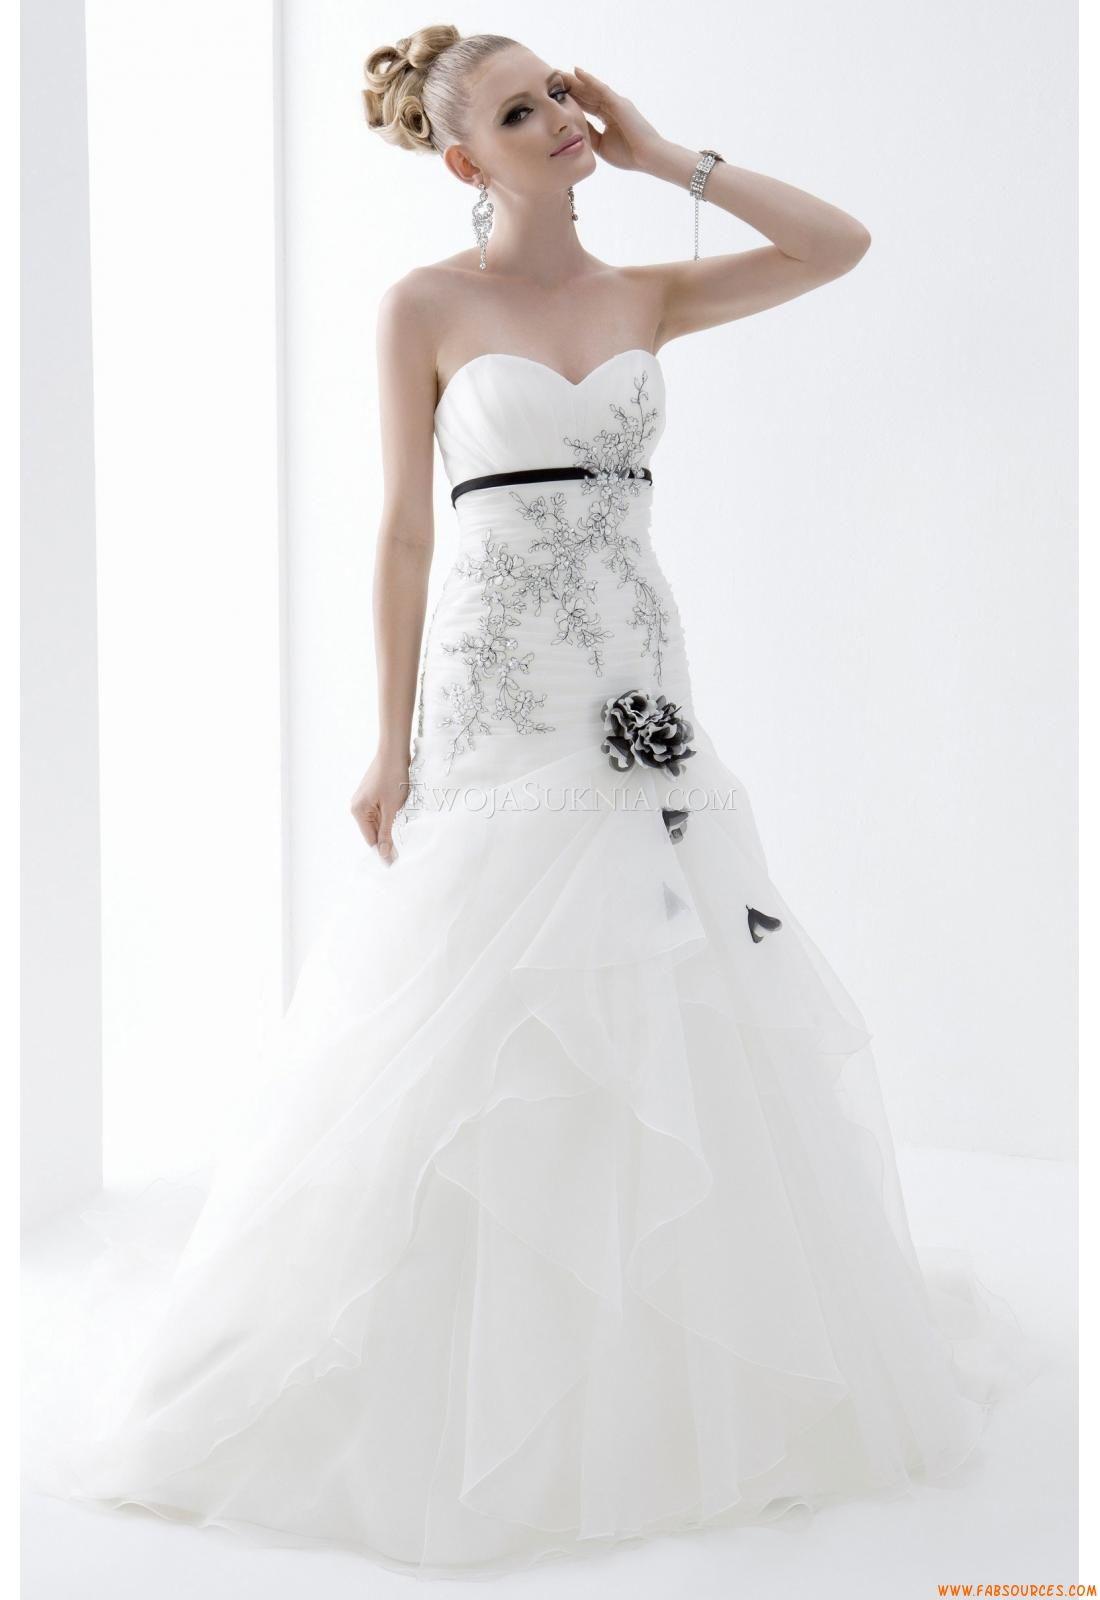 Robes de mariée venus at angel u tradition robe de mariée